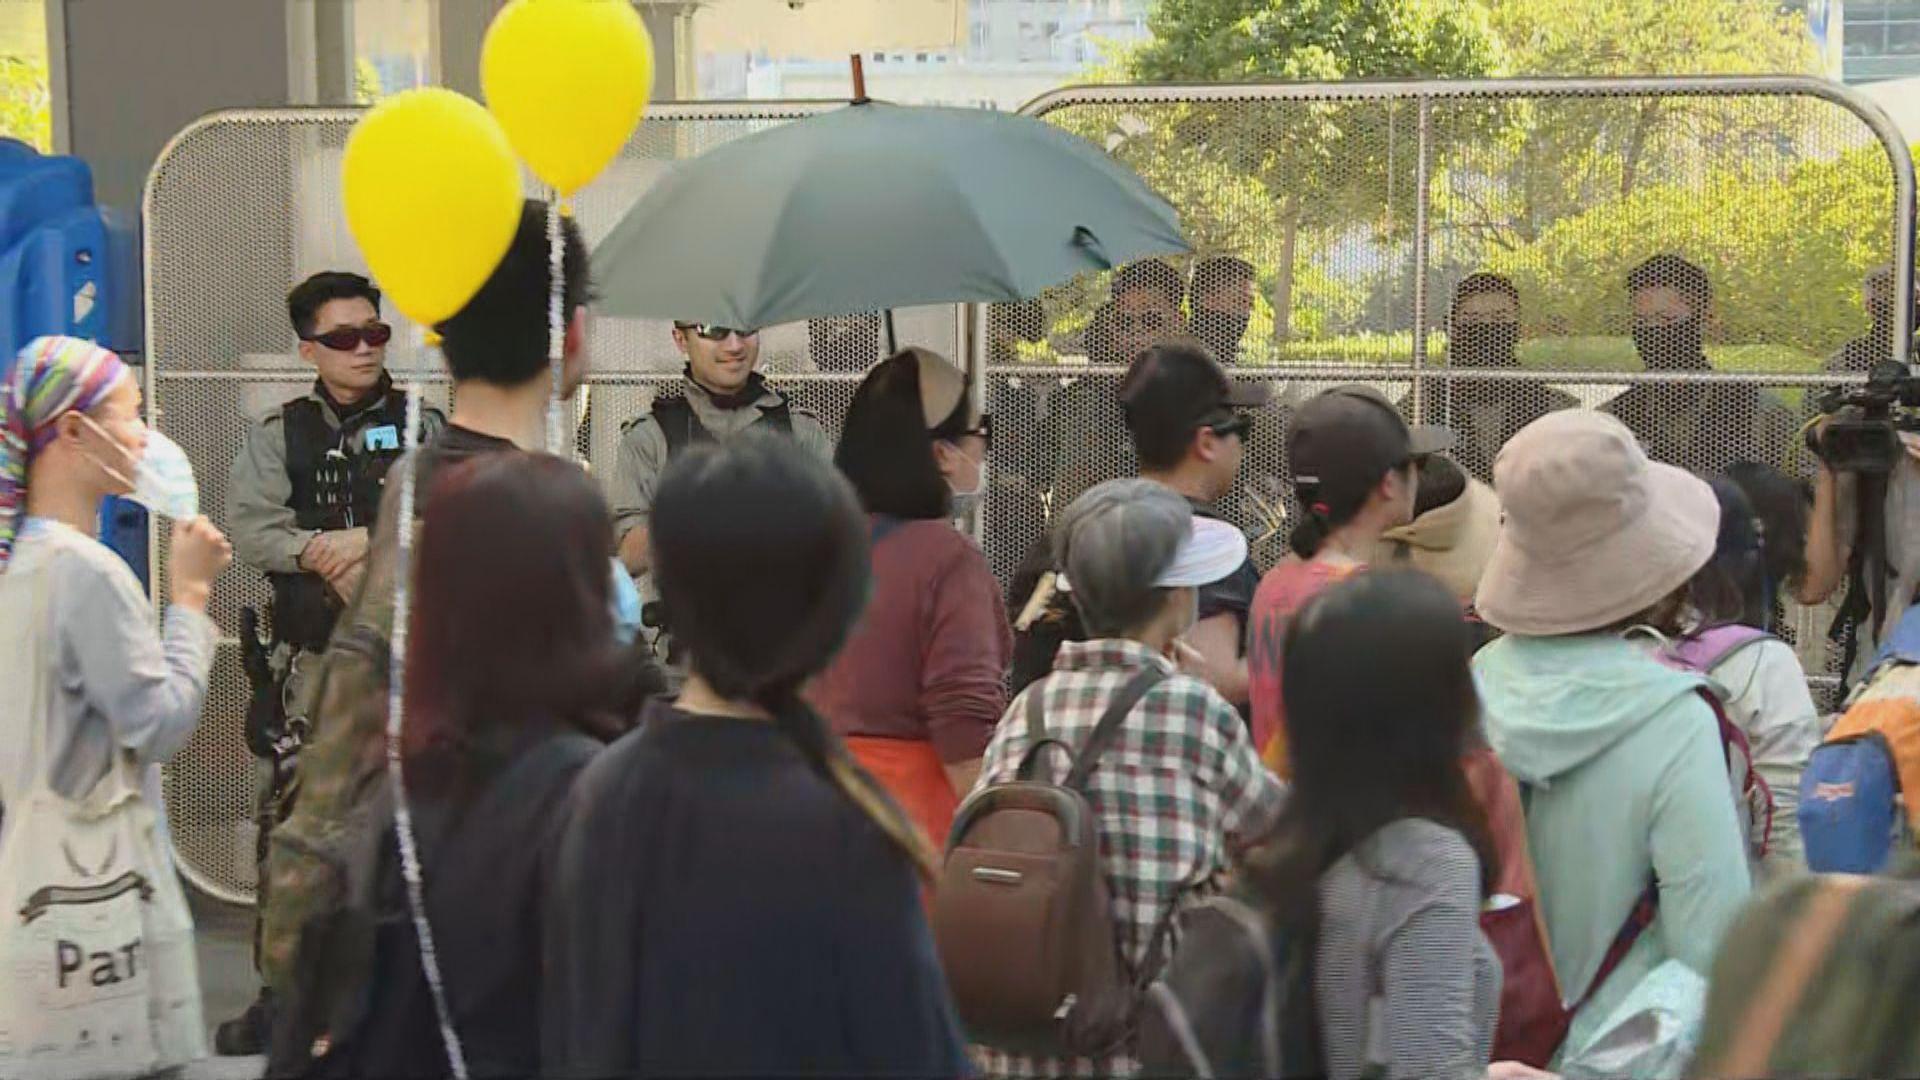 家長遊行促停用催淚彈 數百人參與